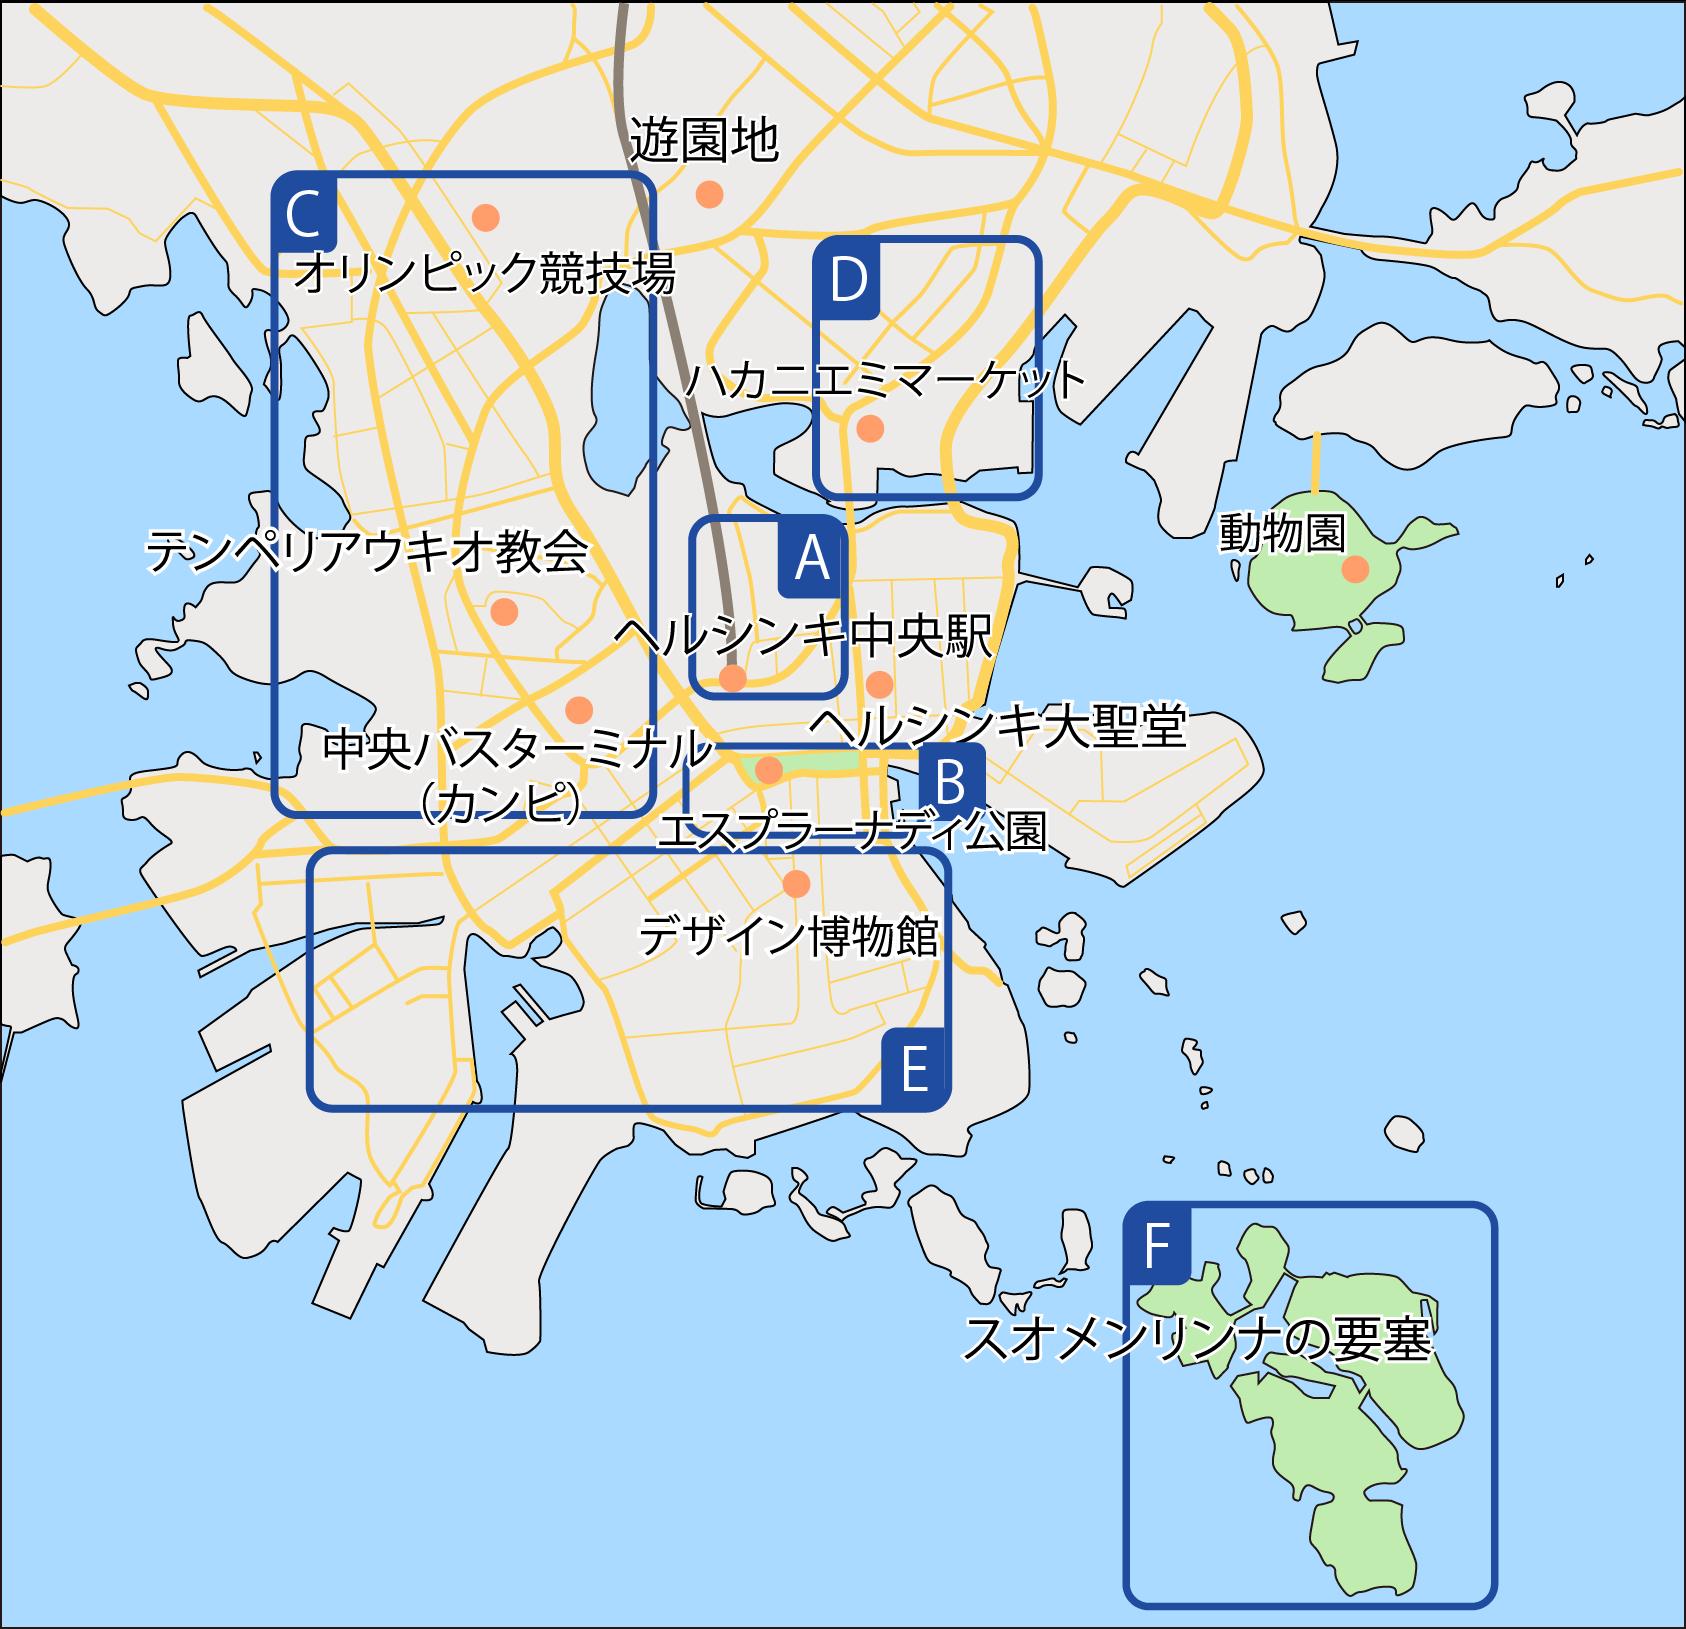 ヘルシンキ市街地は大まかに6エリアに分かれる